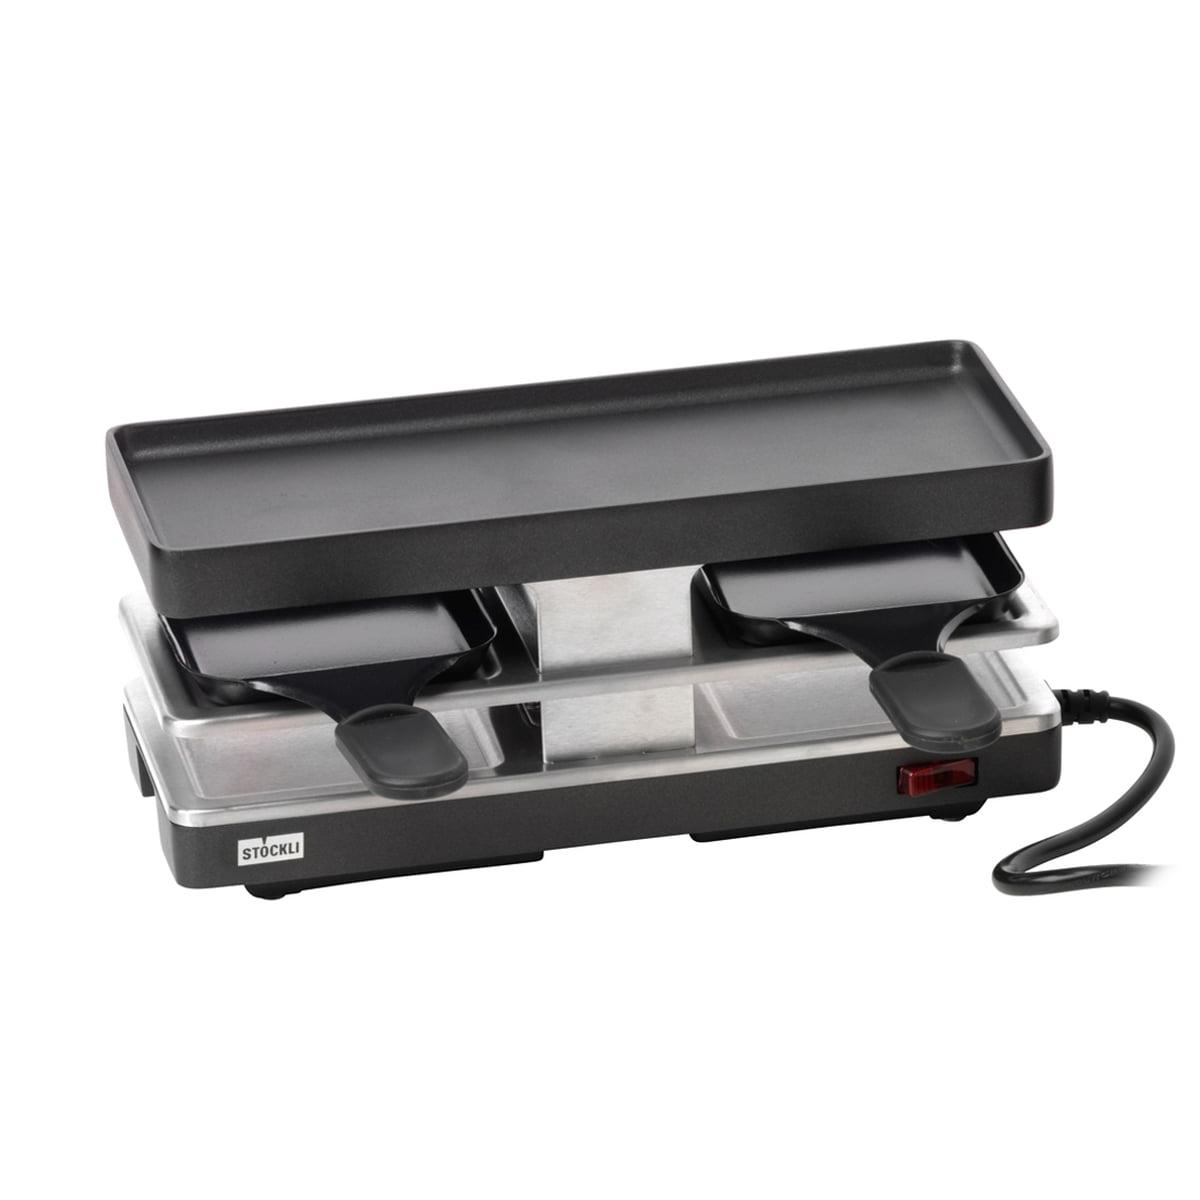 Stöckli - Raclette Twinboard Basisgerät, anthrazit (EU) | Küche und Esszimmer > Küchengeräte > Raclette | Anthrazitschwarz | Antihaftversiegelte grillplatte aus aluguss -  edelstahl | Stöckli